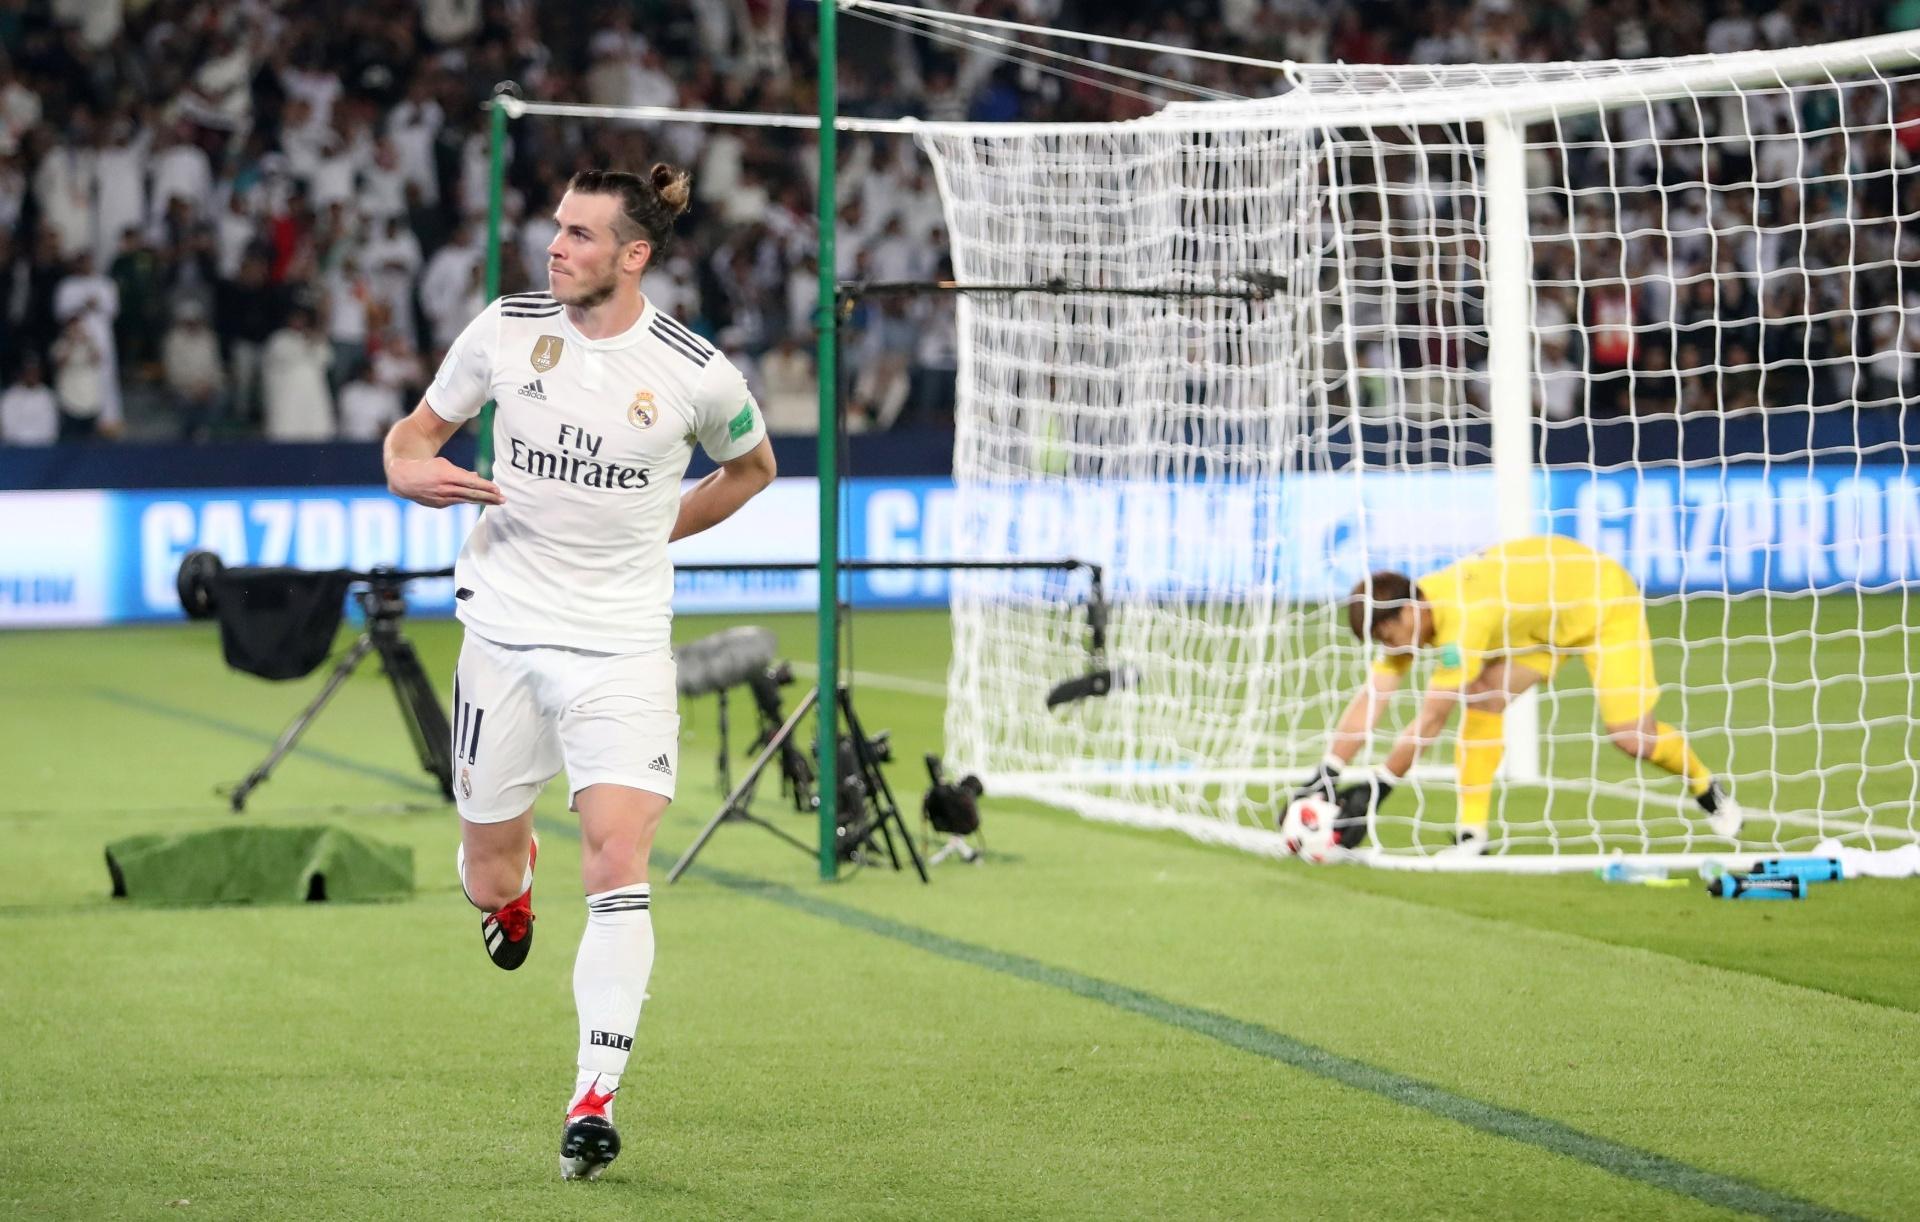 f589b426e1 Real Madrid vence com três gols de Bale e avança à decisão do Mundial -  19 12 2018 - UOL Esporte